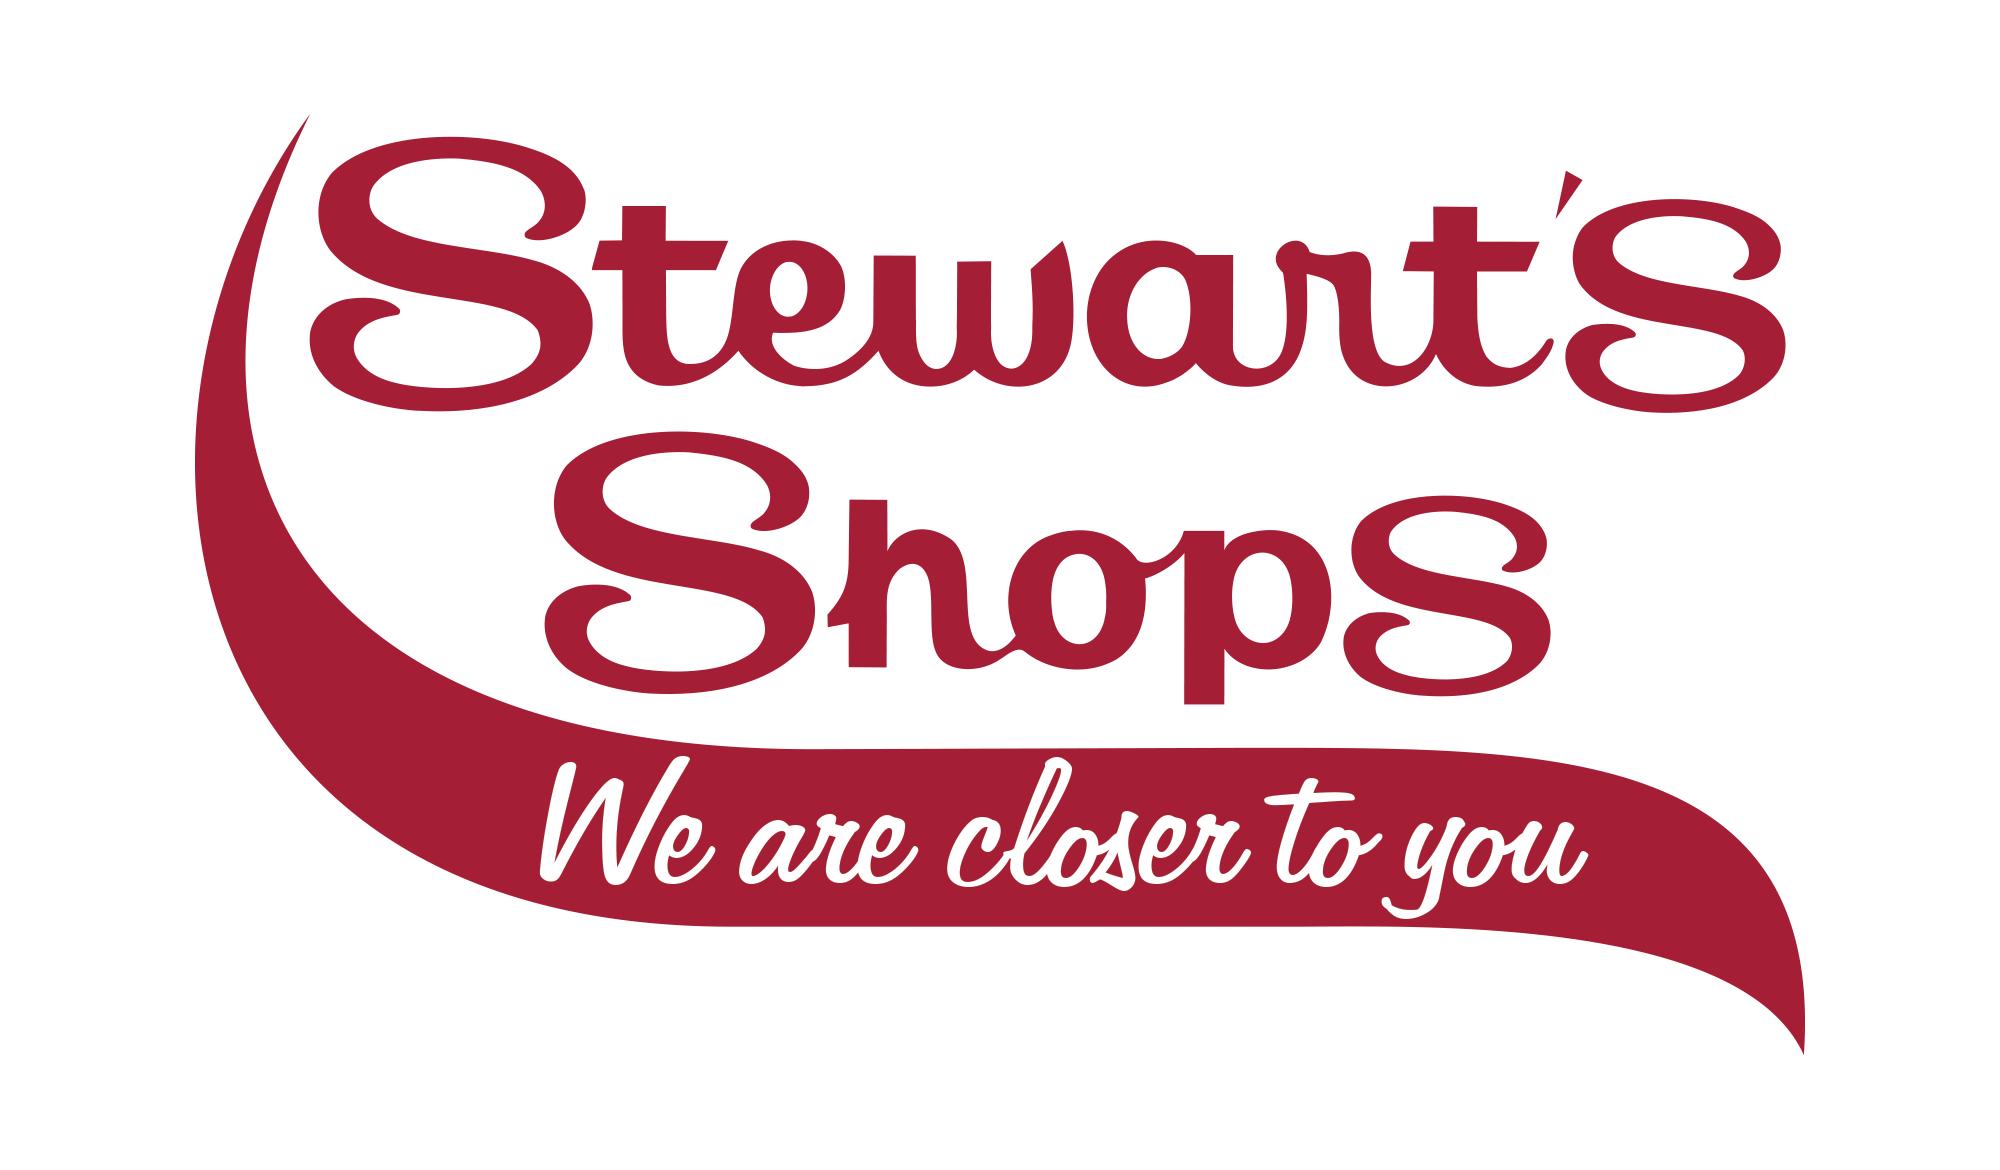 Stewart'sShops.jpg